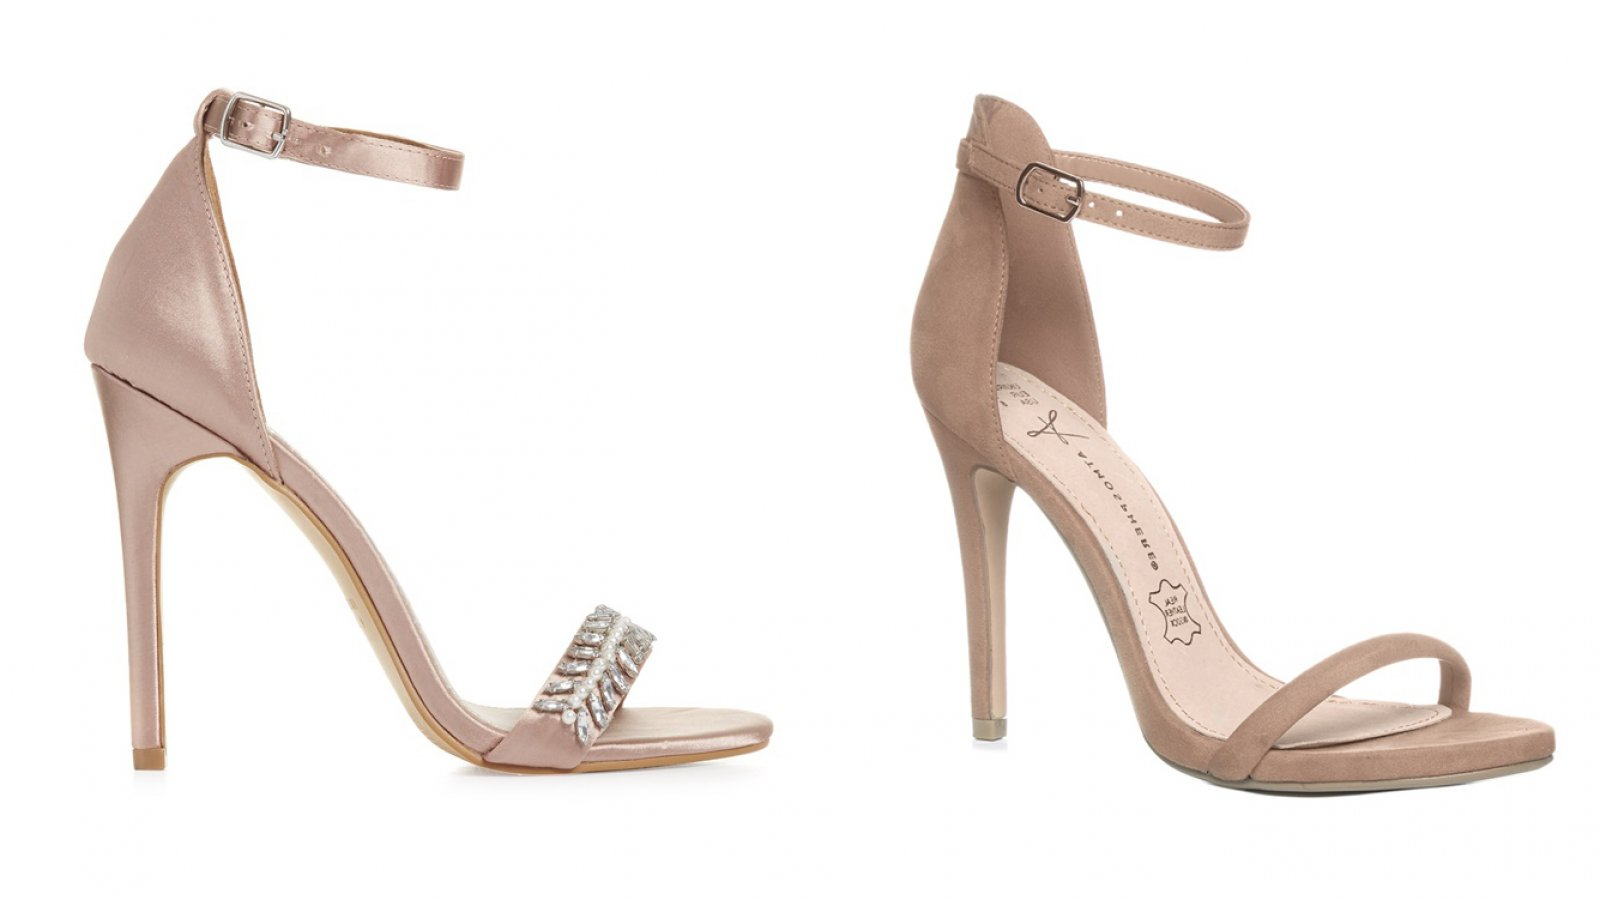 Las sandalias en color 'nude' de Primark